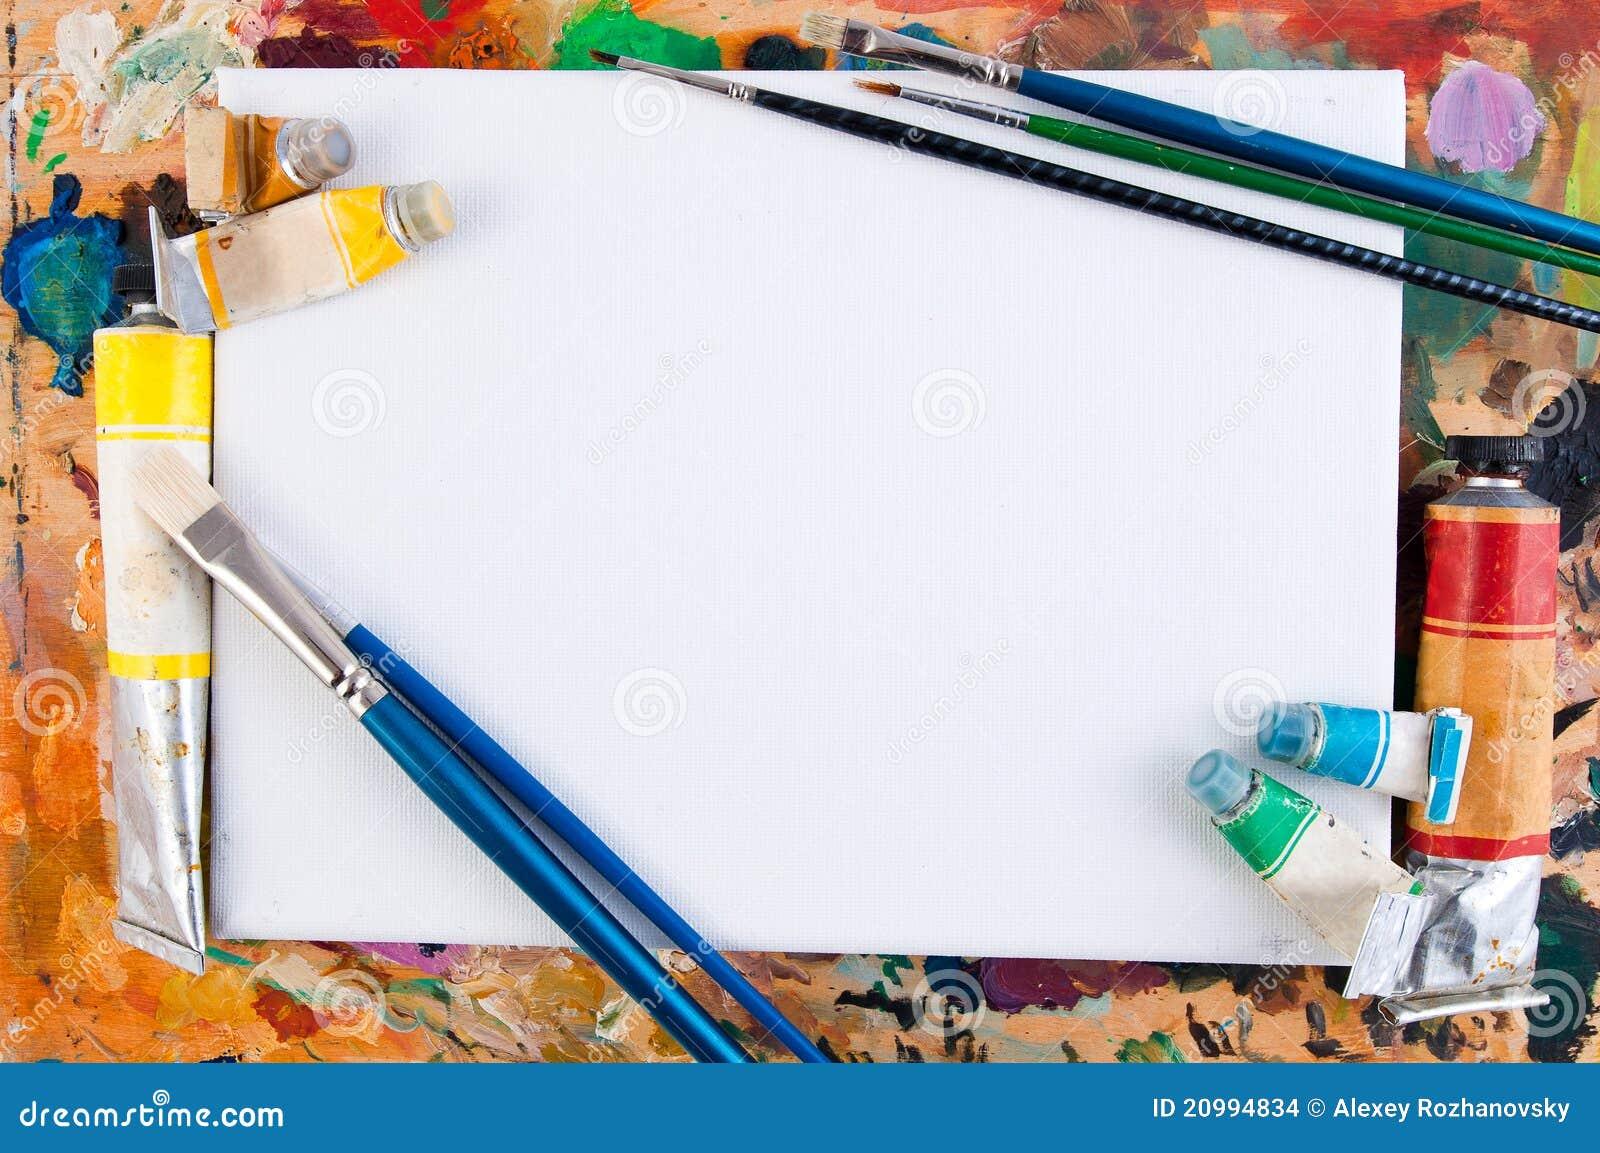 Marco del arte foto de archivo. Imagen de decoración - 20994834